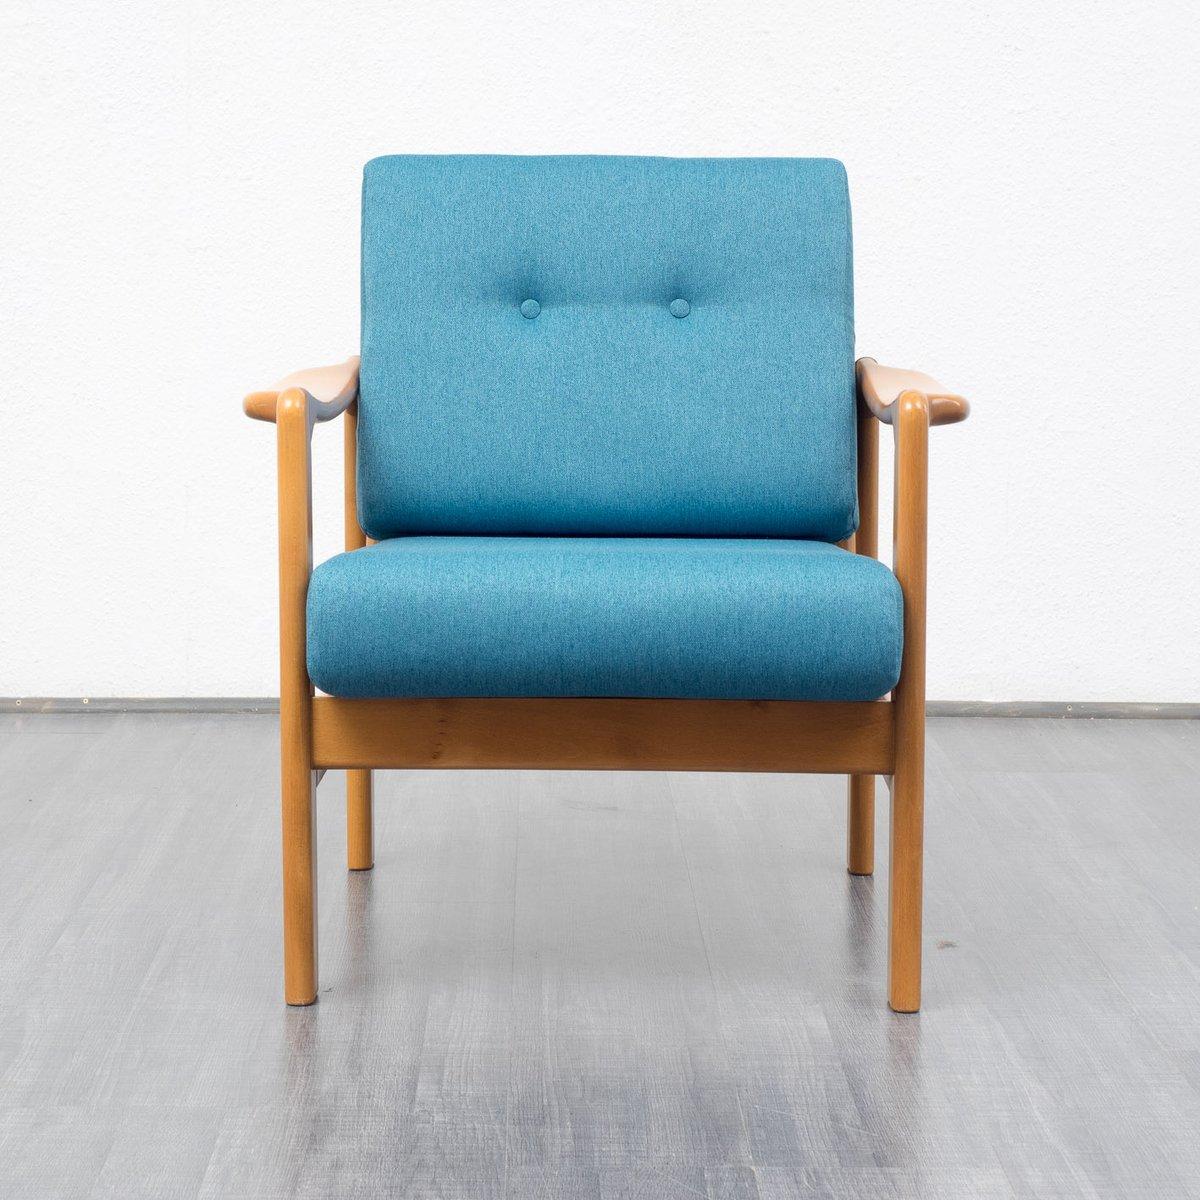 Fauteuil Bleu Pétrole : fauteuil bleu p trole 1960s en vente sur pamono ~ Teatrodelosmanantiales.com Idées de Décoration